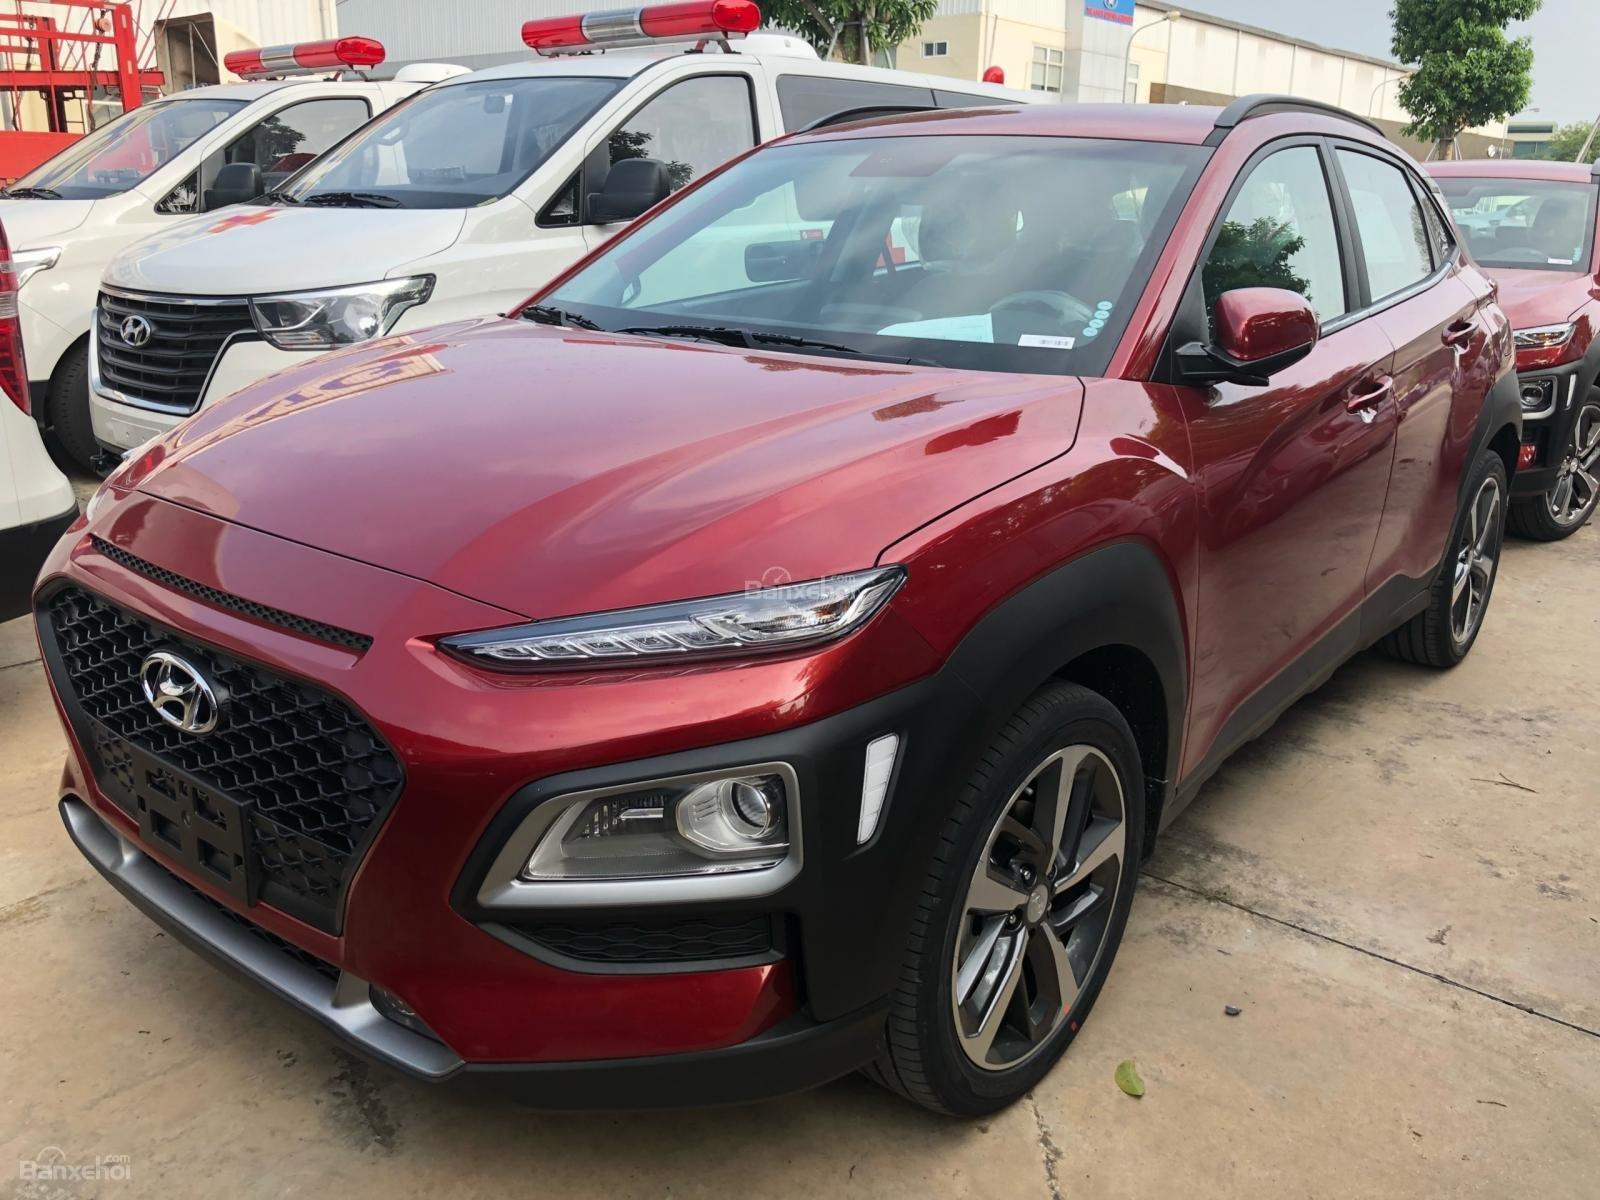 Hyundai Phạm Văn Đồng bán Konna đặc biệt giao ngay đủ màu, giá tốt liên hệ Mr Cảnh 0984 616 689-6